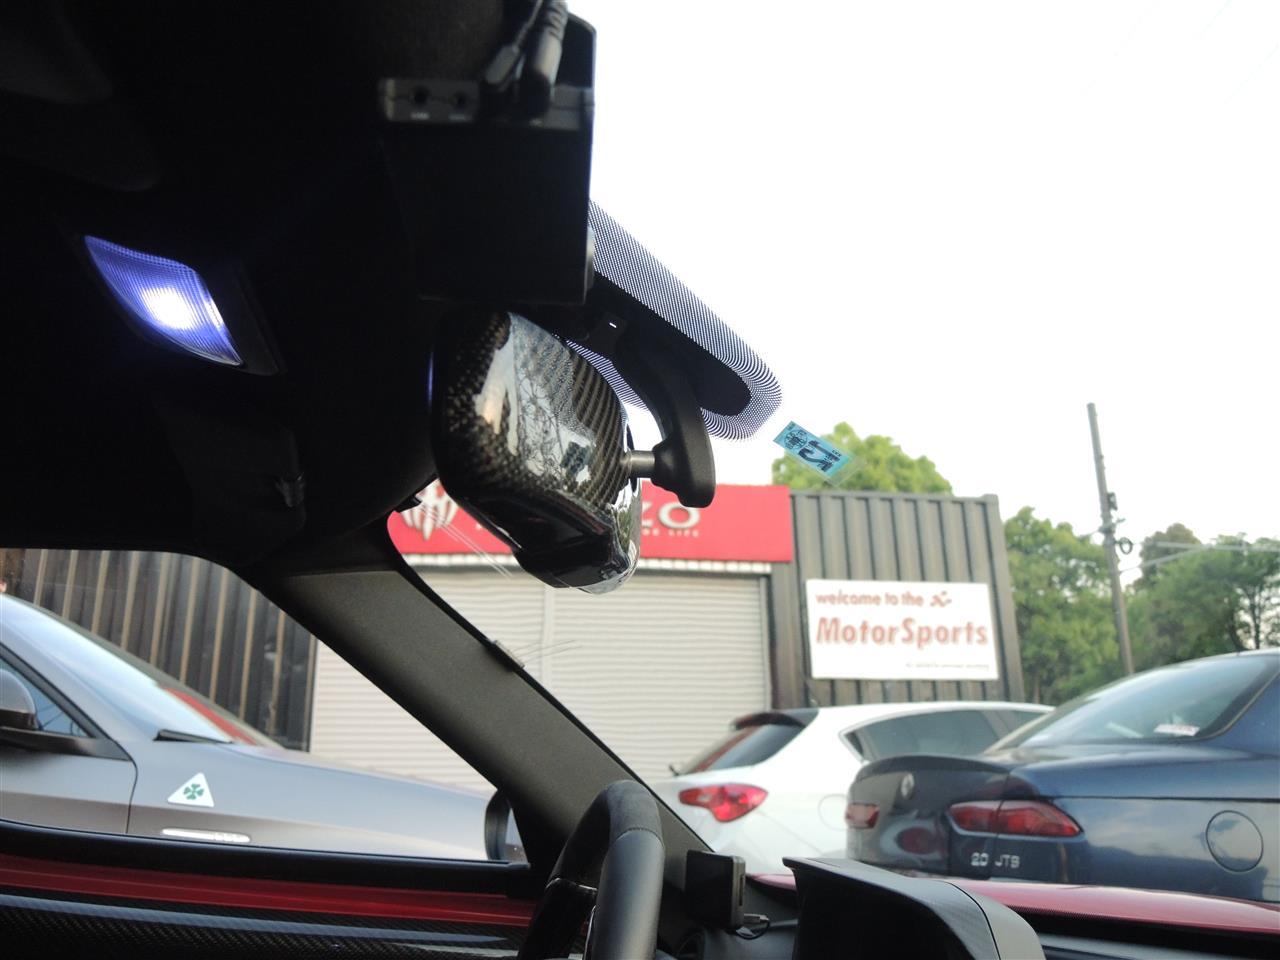 アルファロメオ 4C 常時点灯ルームミラーモニターお取付でクリアな後方視界に! (1)